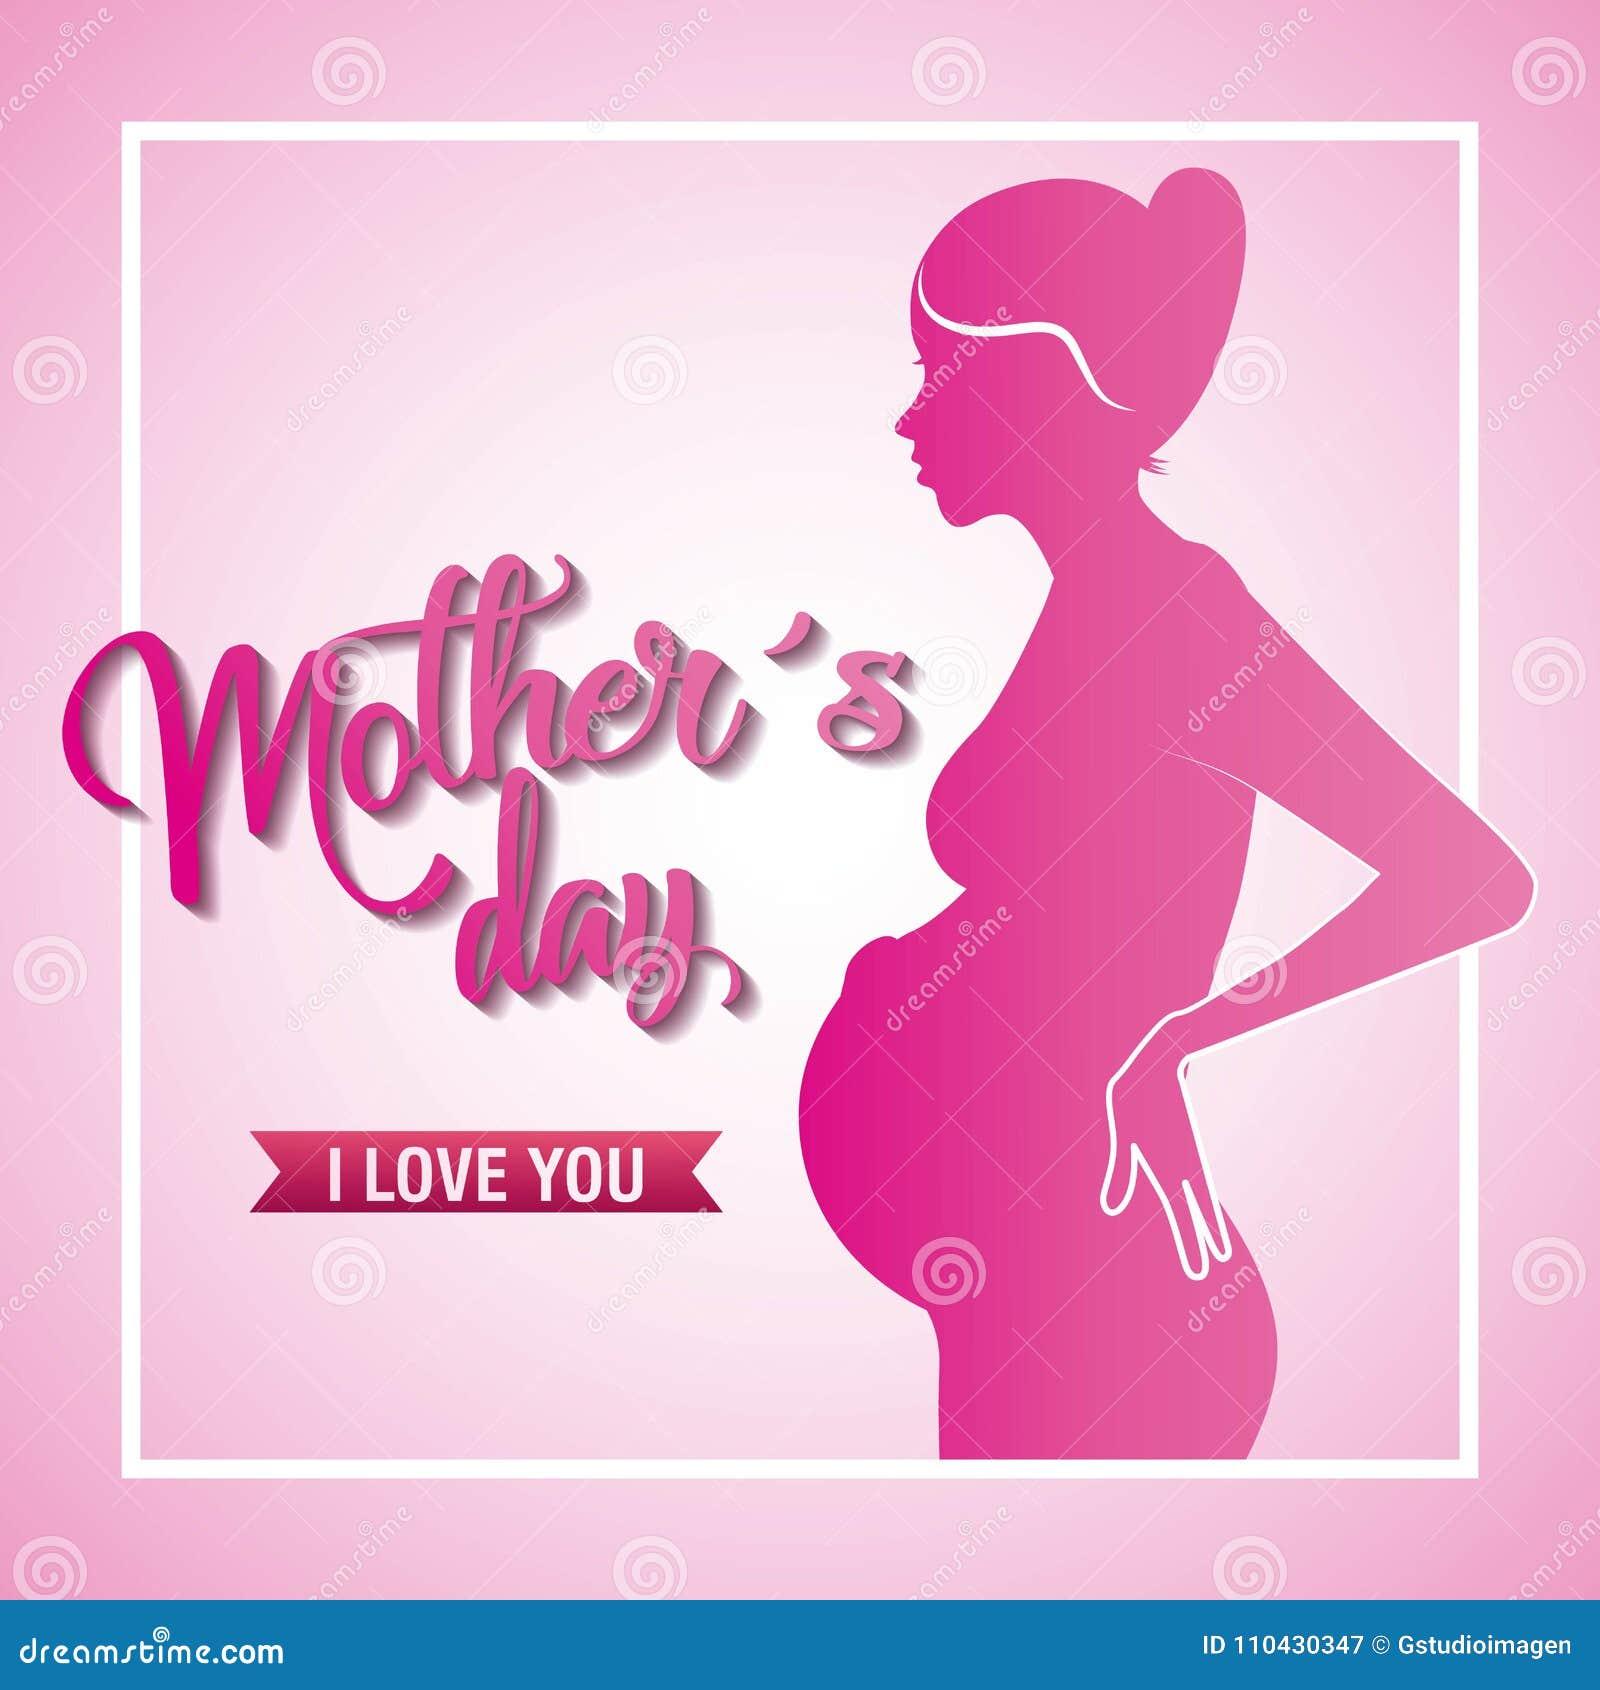 De roze de moedersdag van de silhouet zwangere vrouw houdt van u